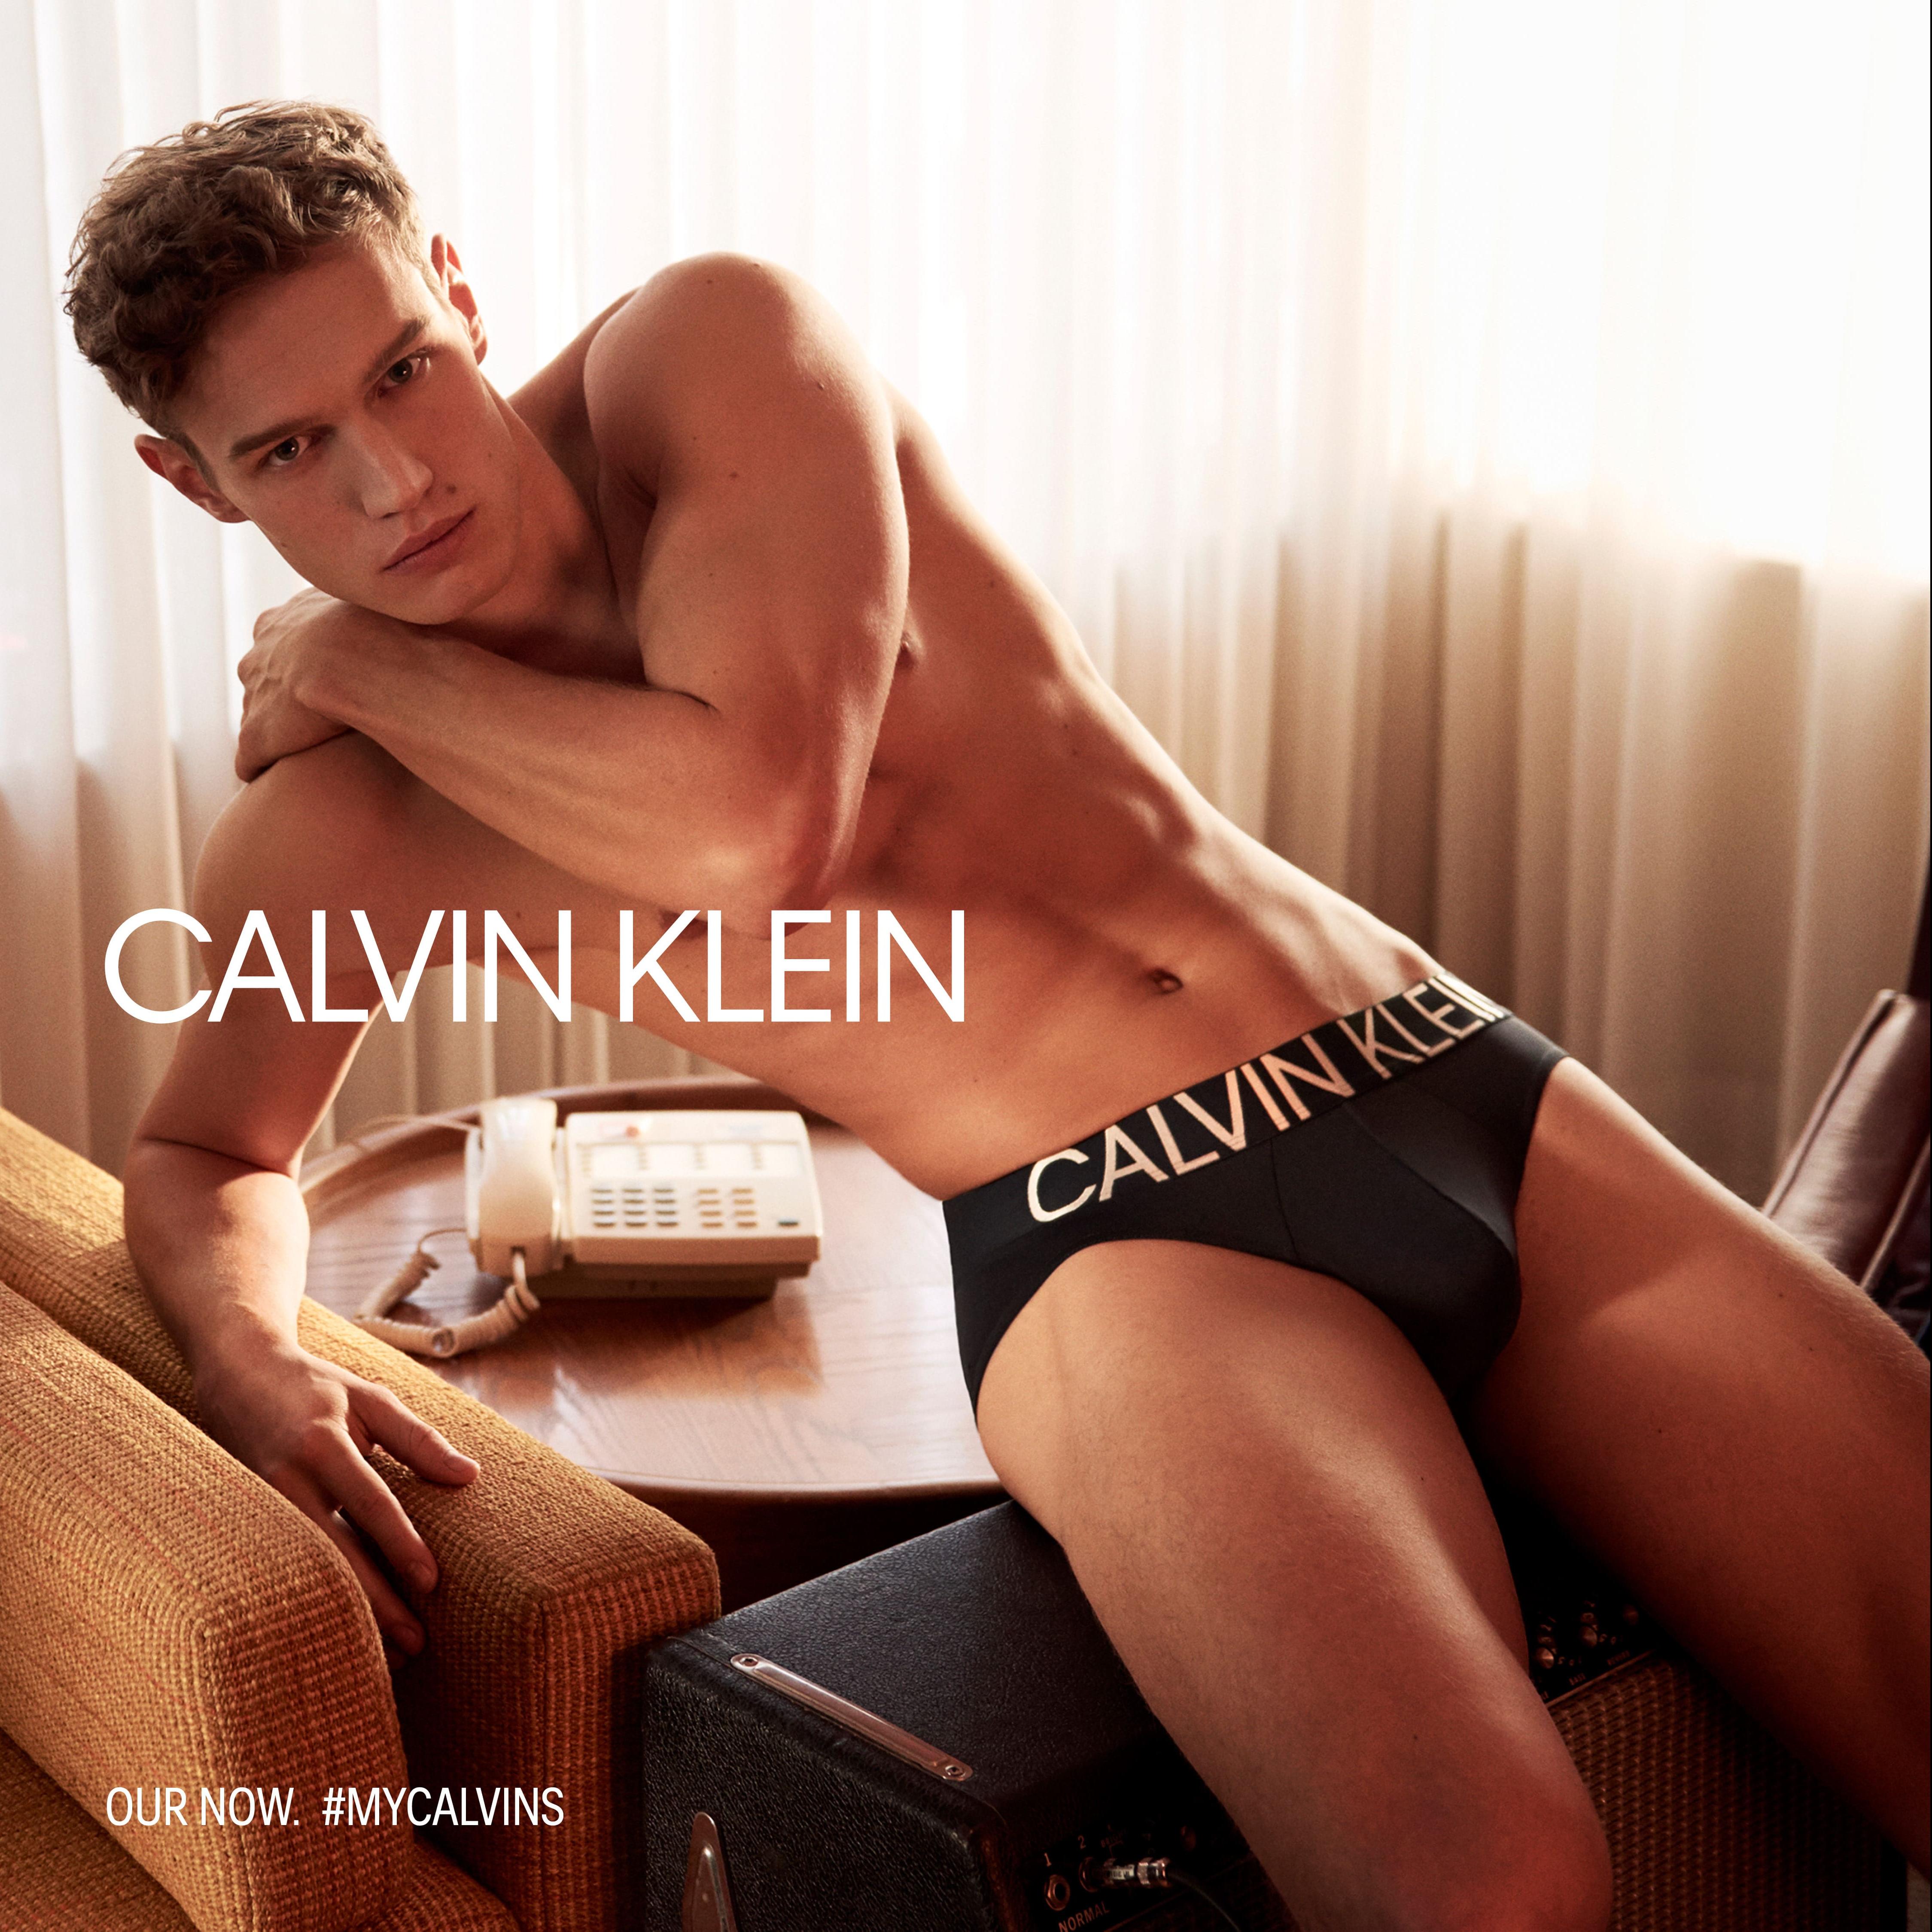 CALVIN KLEIN JEANS & CALVIN KLEIN UNDERWEAR 2019年春季全球形象廣告